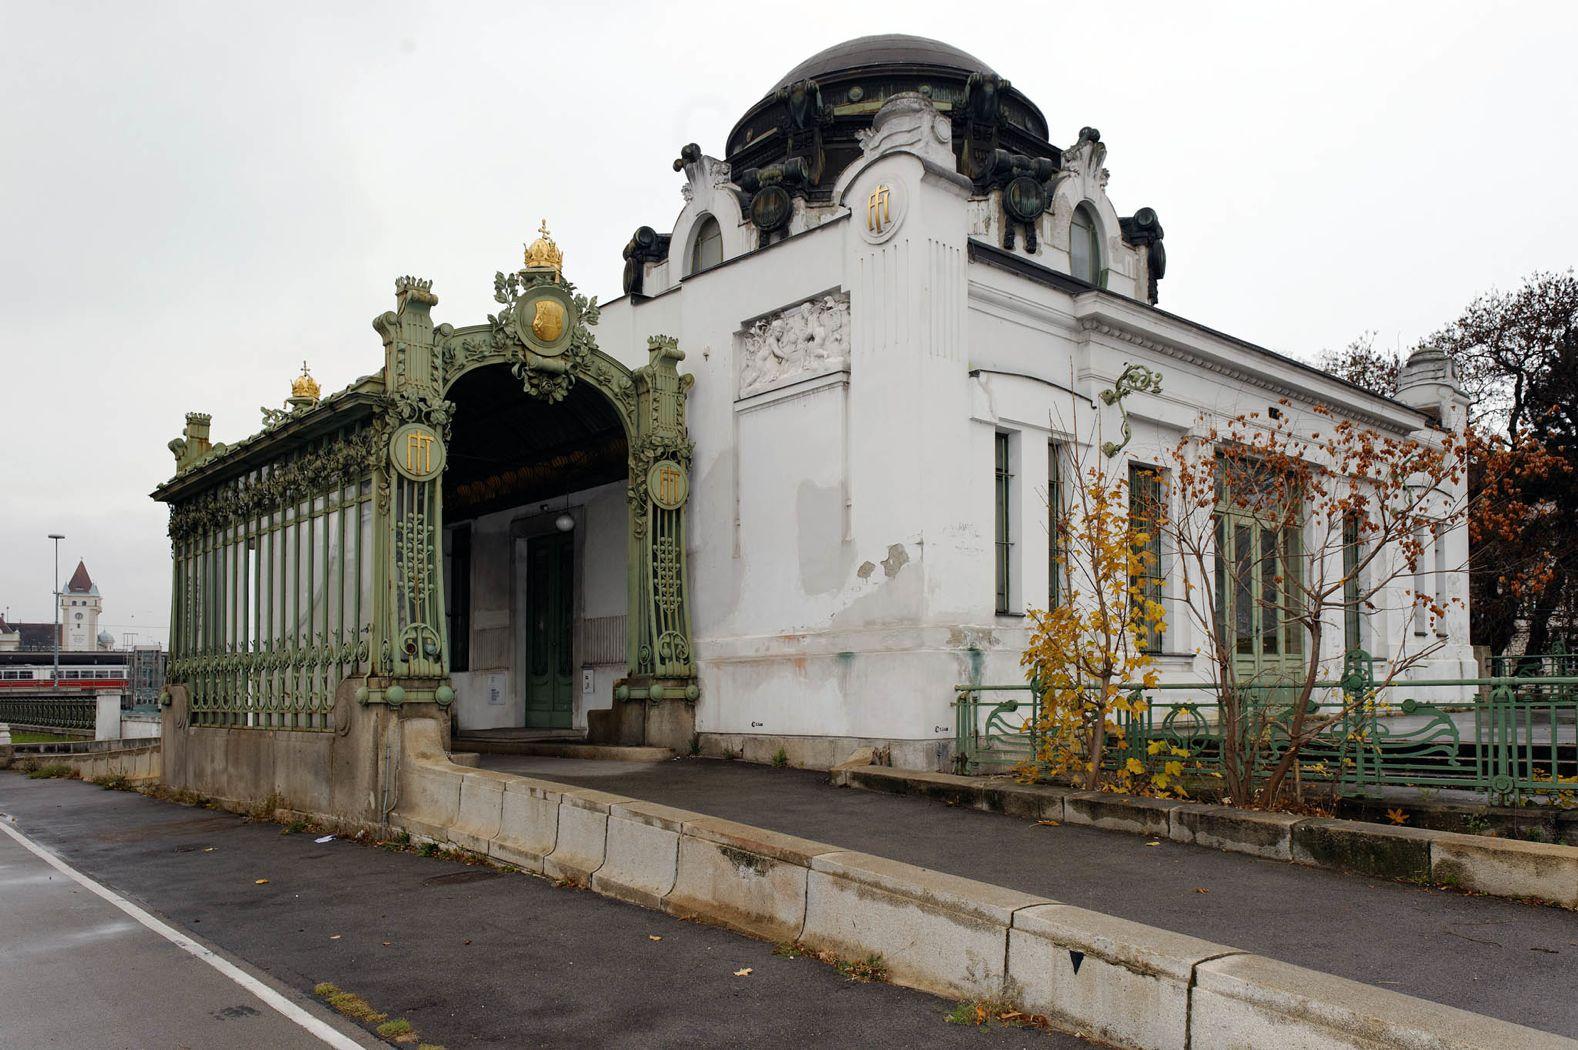 Hofpavillon-Kaiser Haltestelle